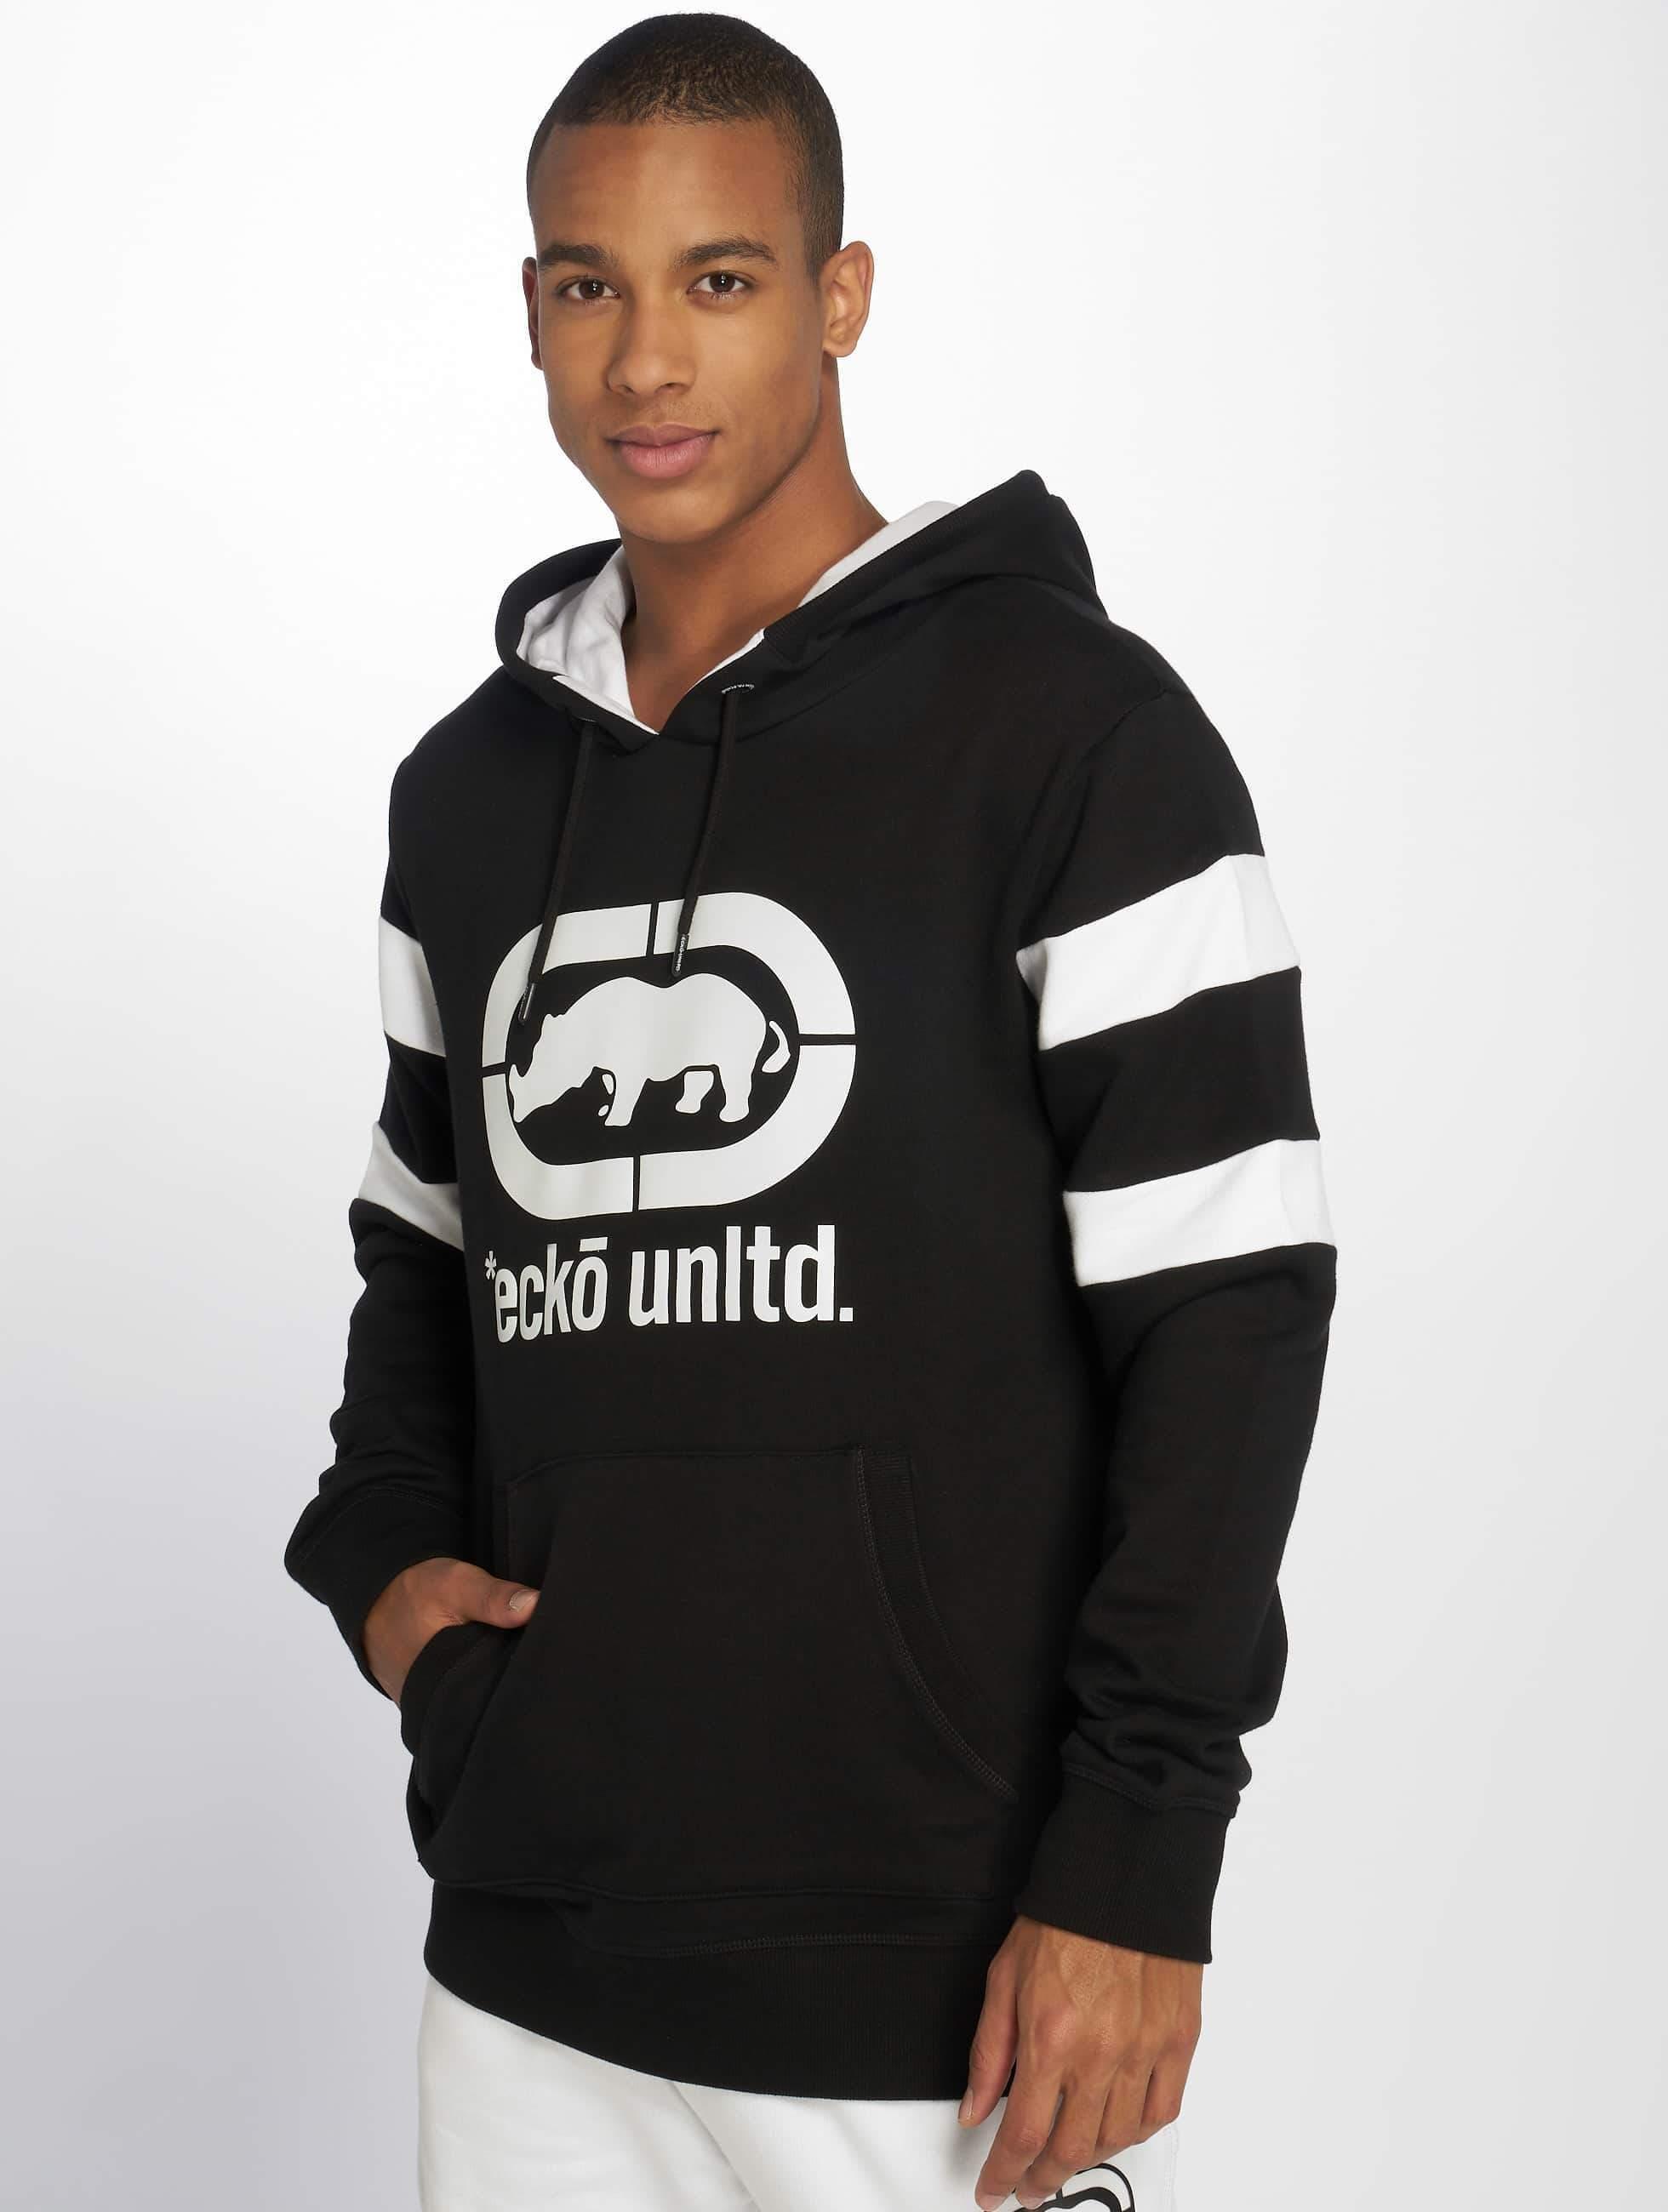 Ecko Unltd. / Hoodie Clovis in black XL